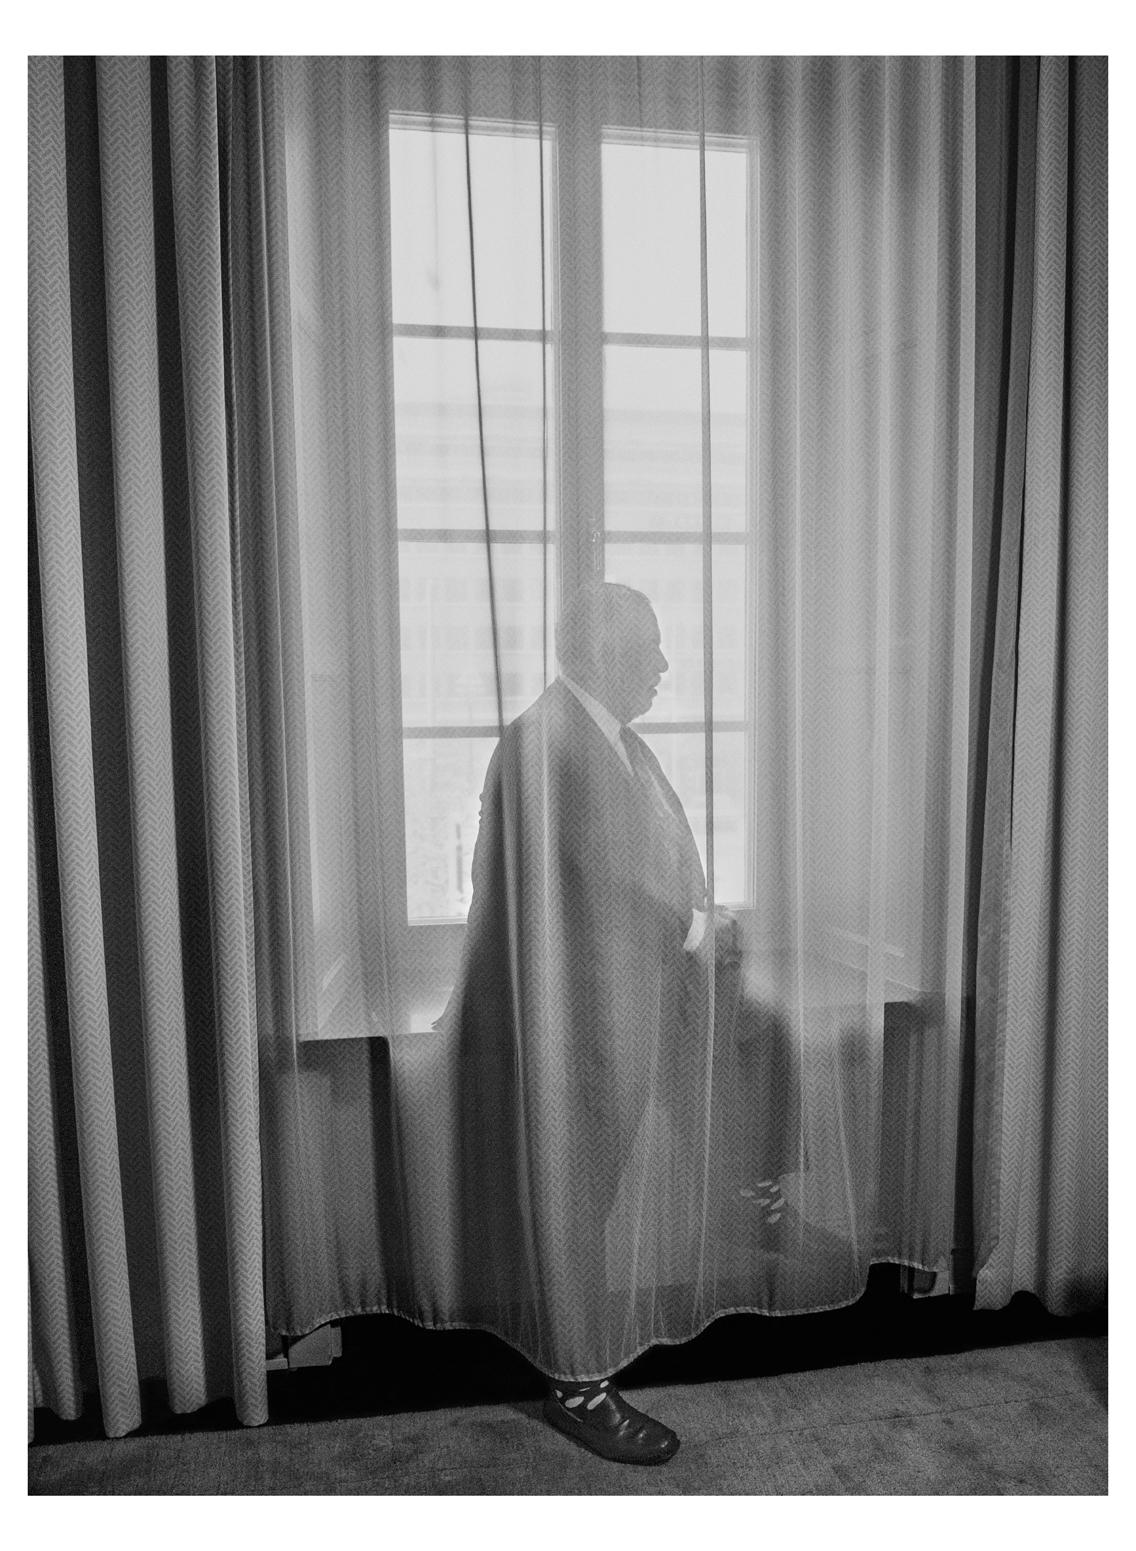 © Johan Bergmark  Titel: Francis Ford Coppola  Plats/Datum: Stockholm 2016-11-09 Bildmått: 39x52 cm  Teknik: Arkivbeständig pigmentbläckutskrift Träram med passepartout ca 58x73 cm  Upplaga: 19 Signerad: Ja  Pris: SEK 12 000